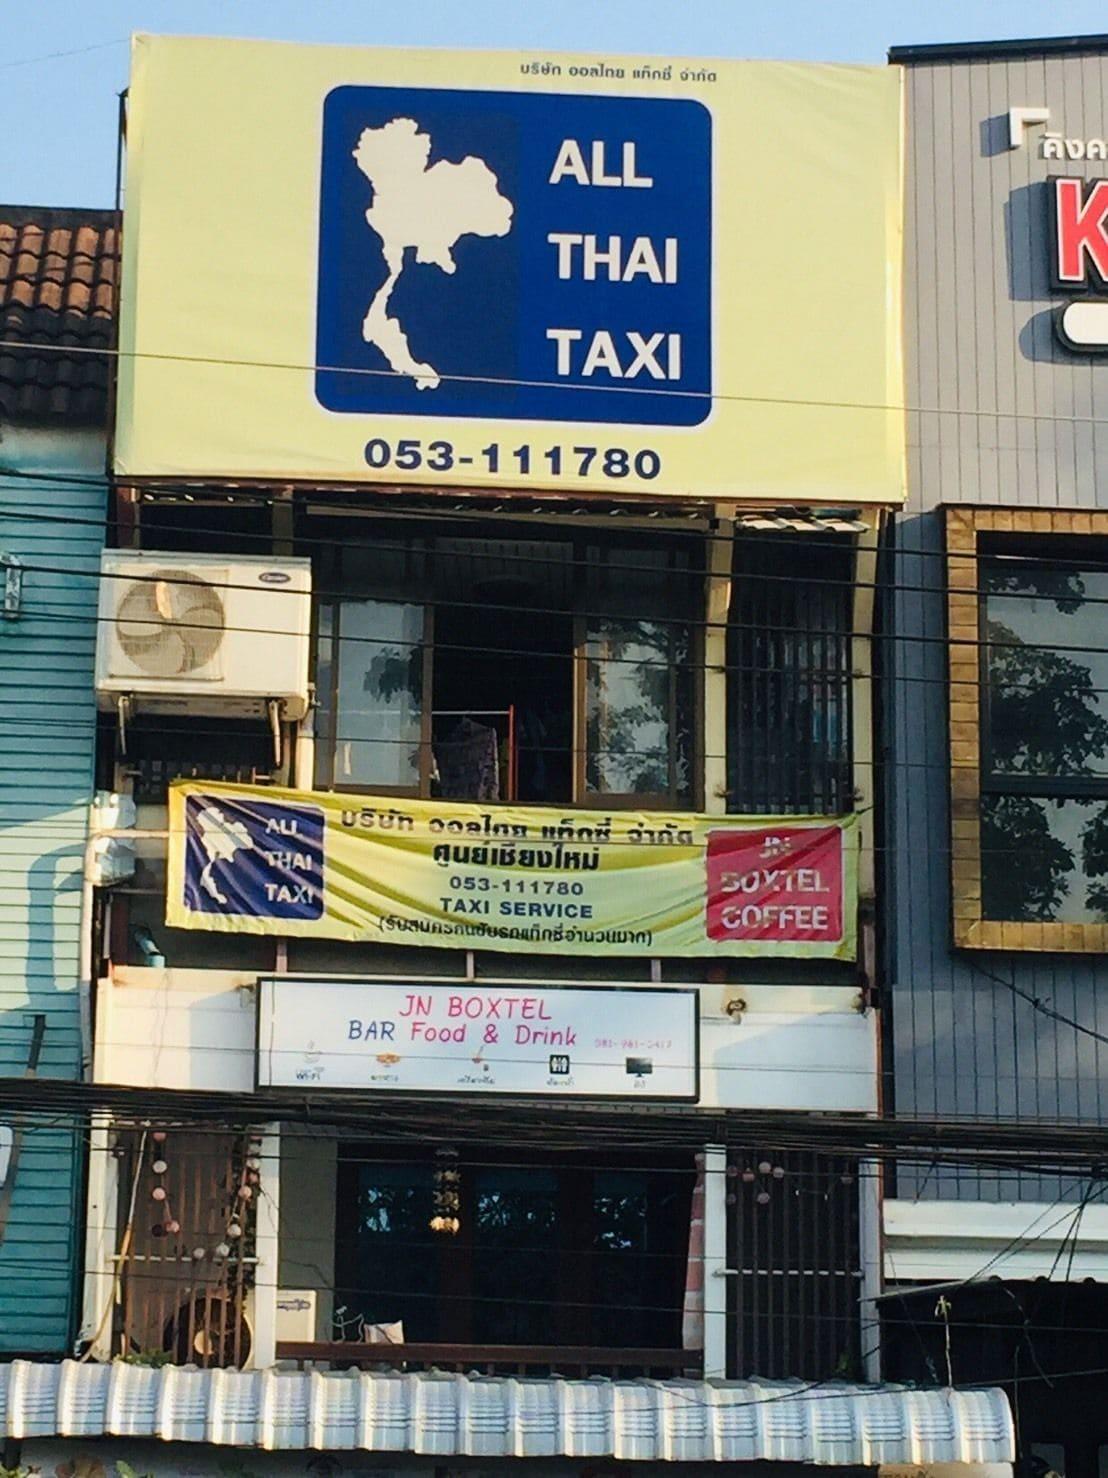 JN-Boxtel, Muang Chiang Mai